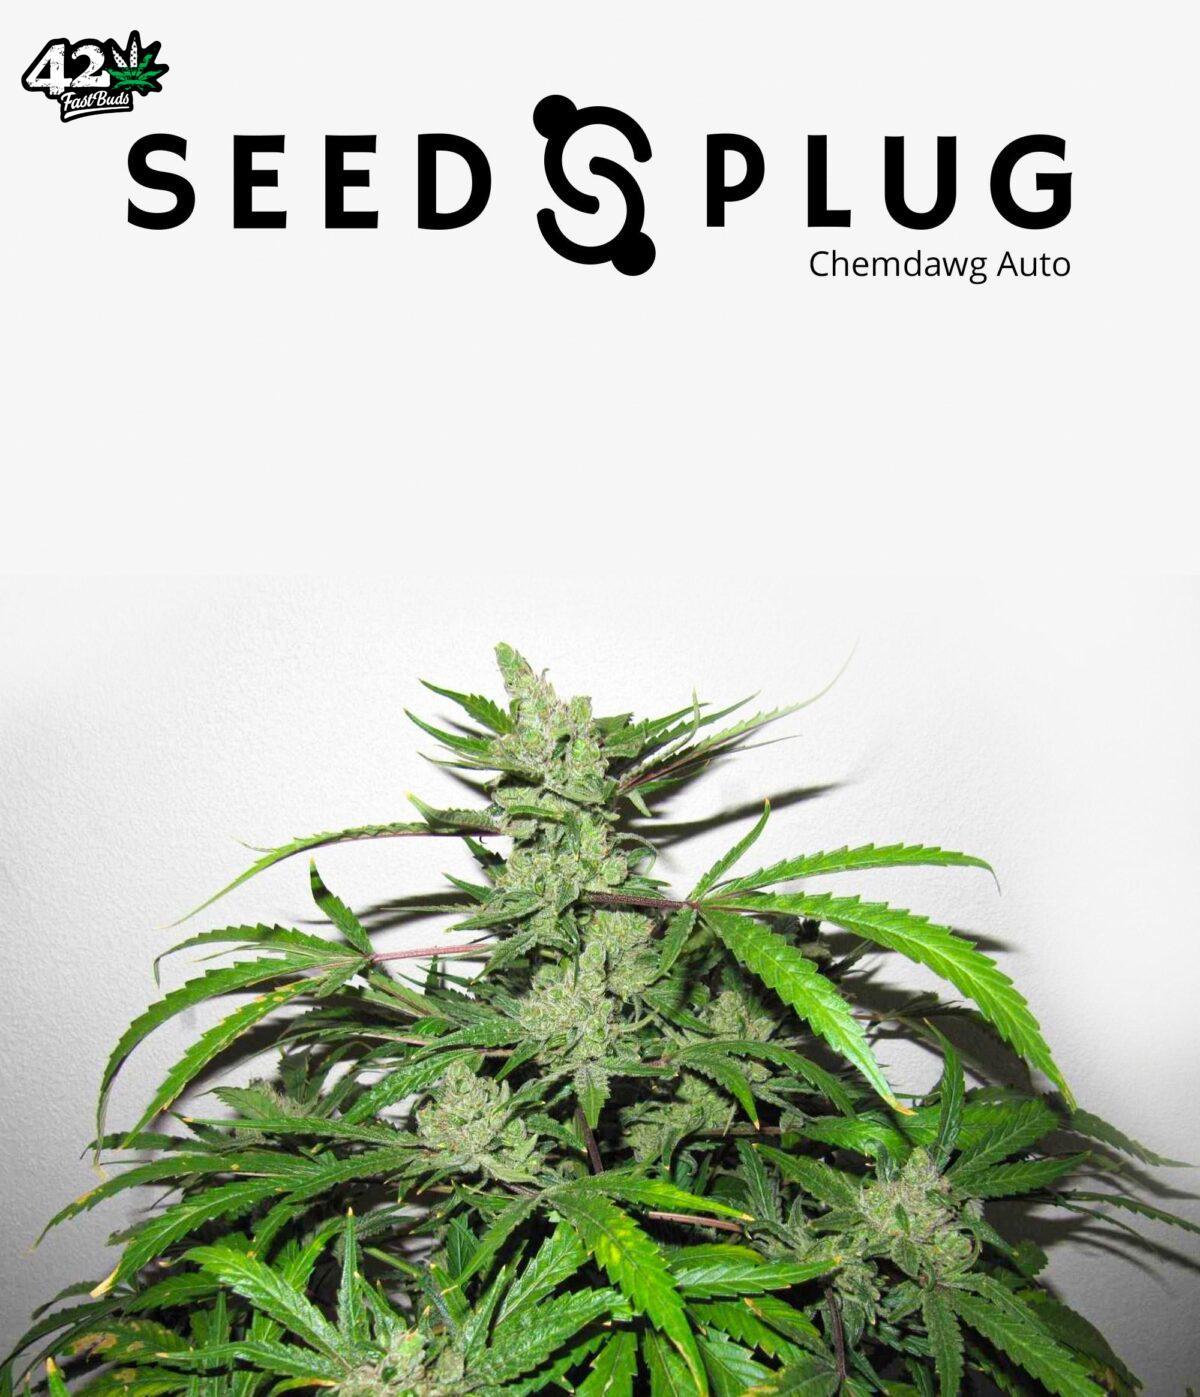 Original Auto Chemdawg by Fast Buds - SeedsPlug